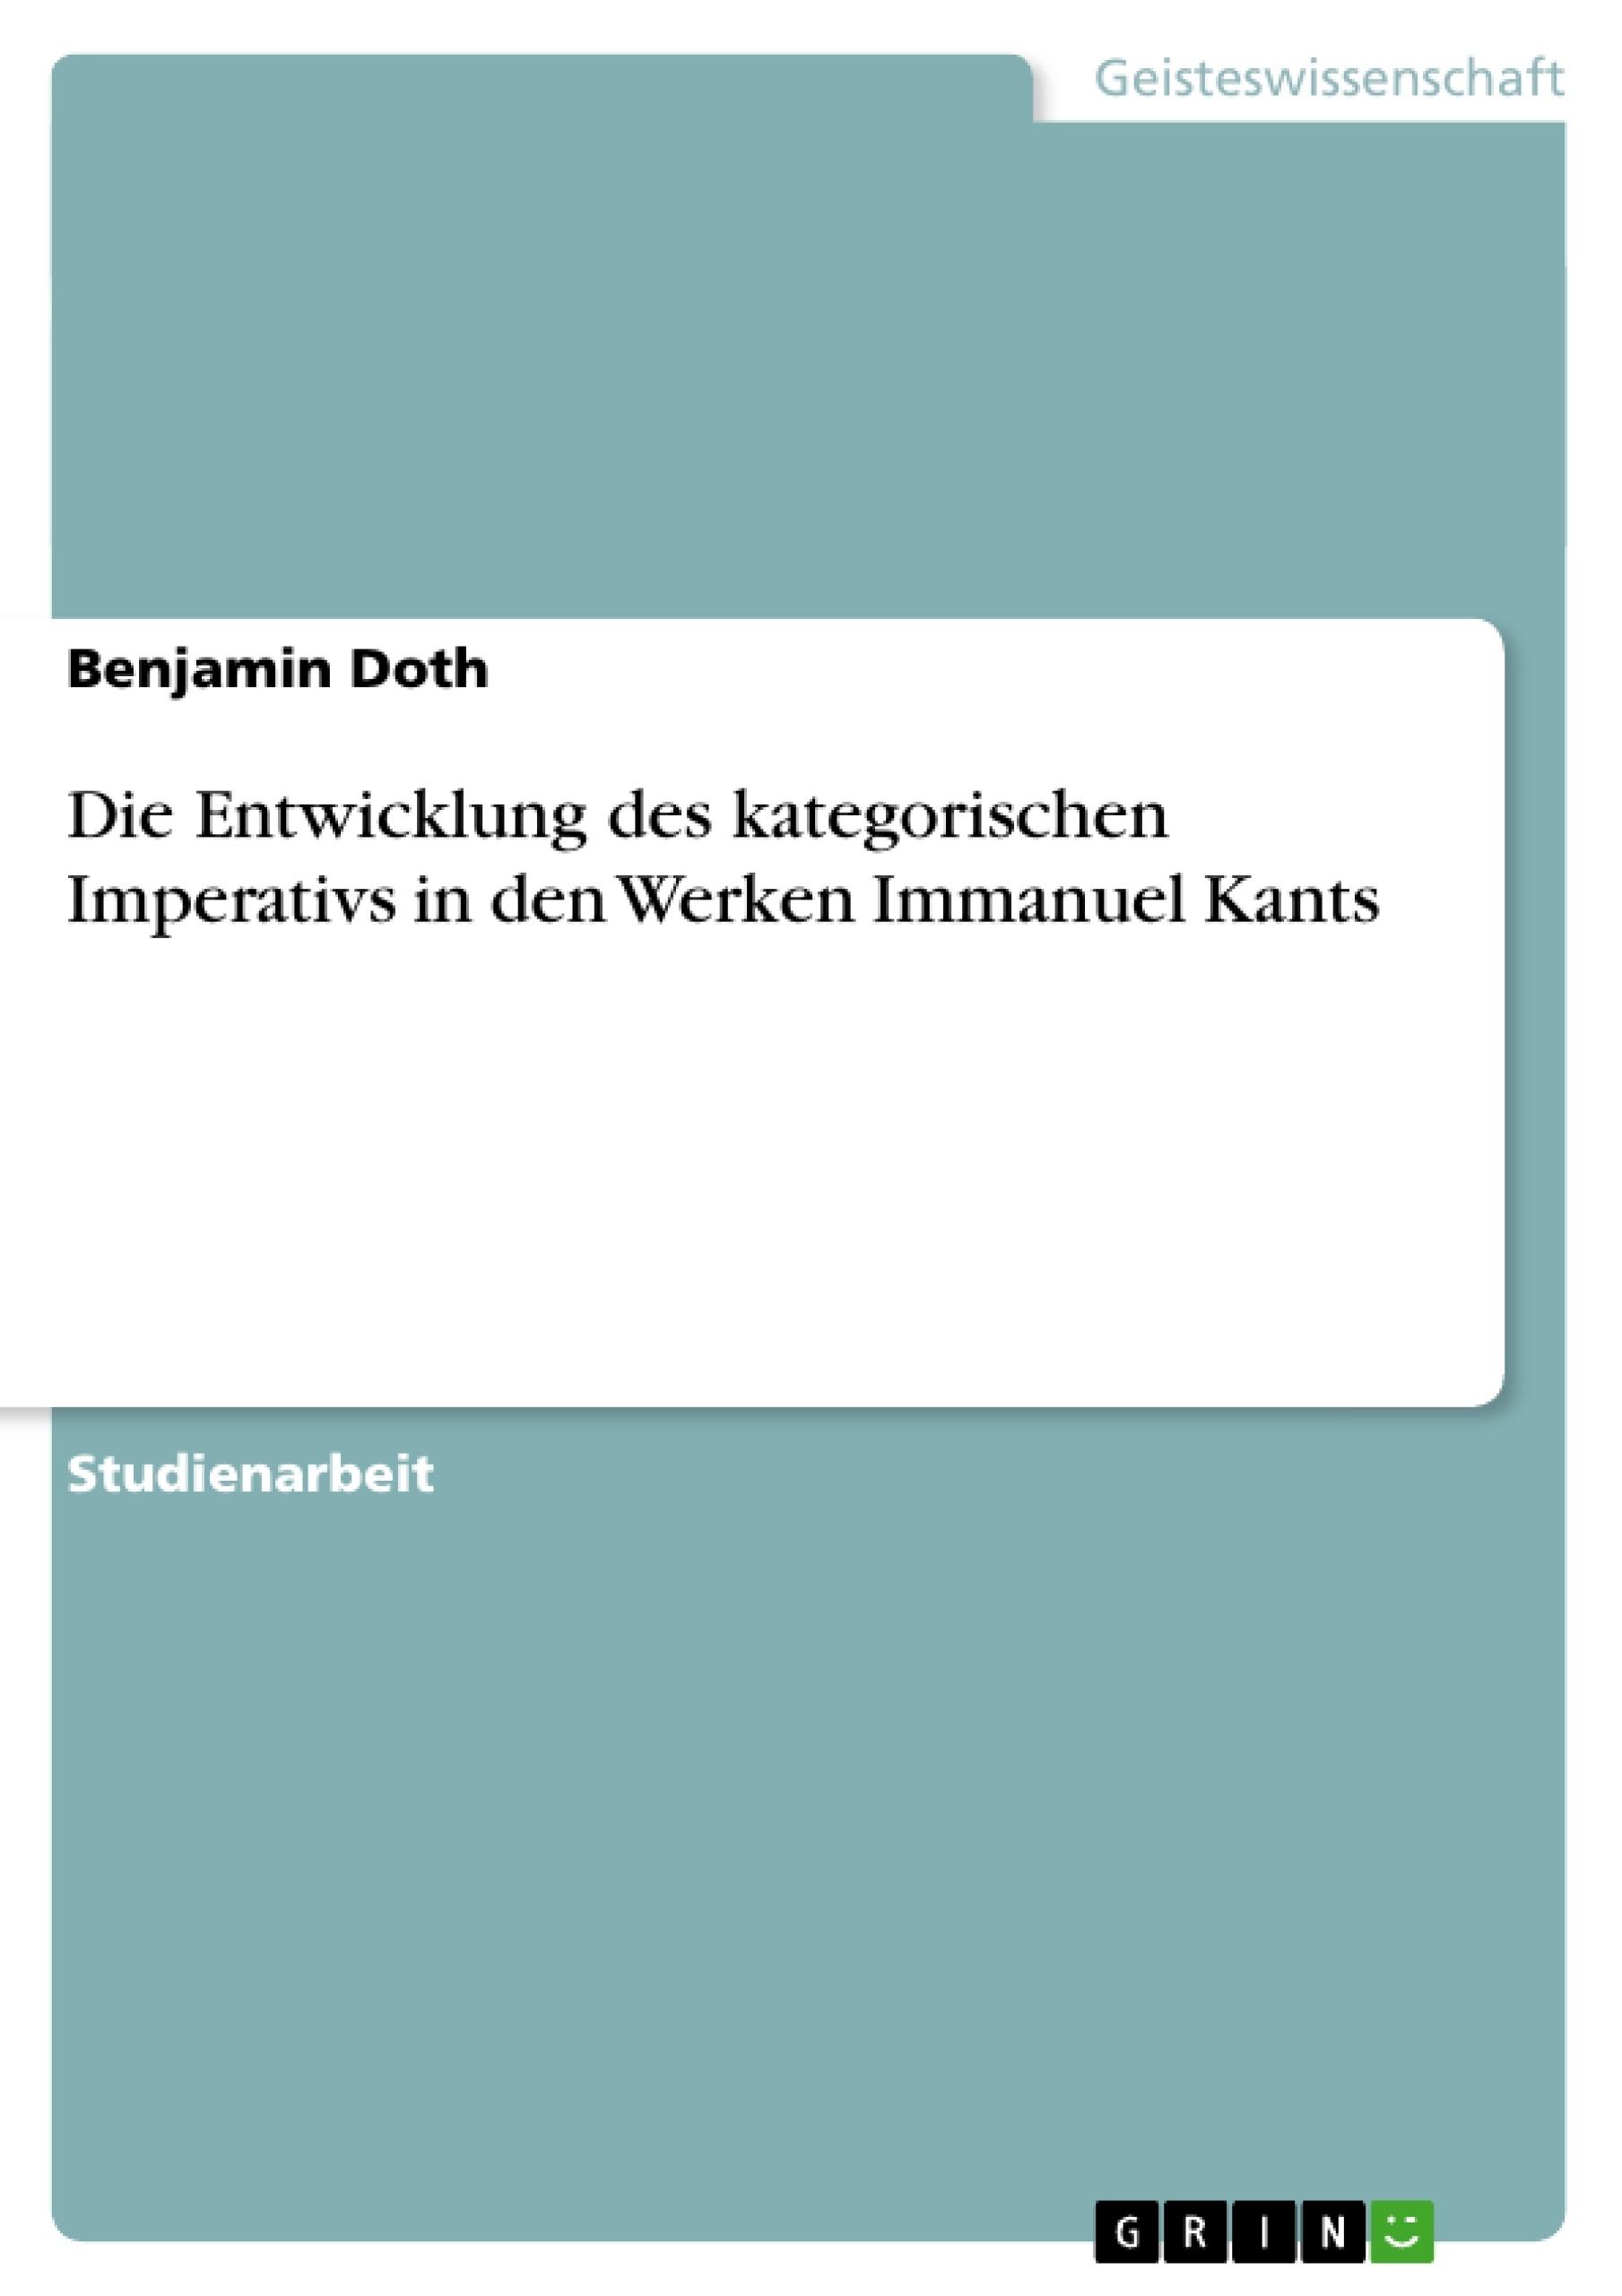 Titel: Die Entwicklung des kategorischen Imperativs in den Werken Immanuel Kants